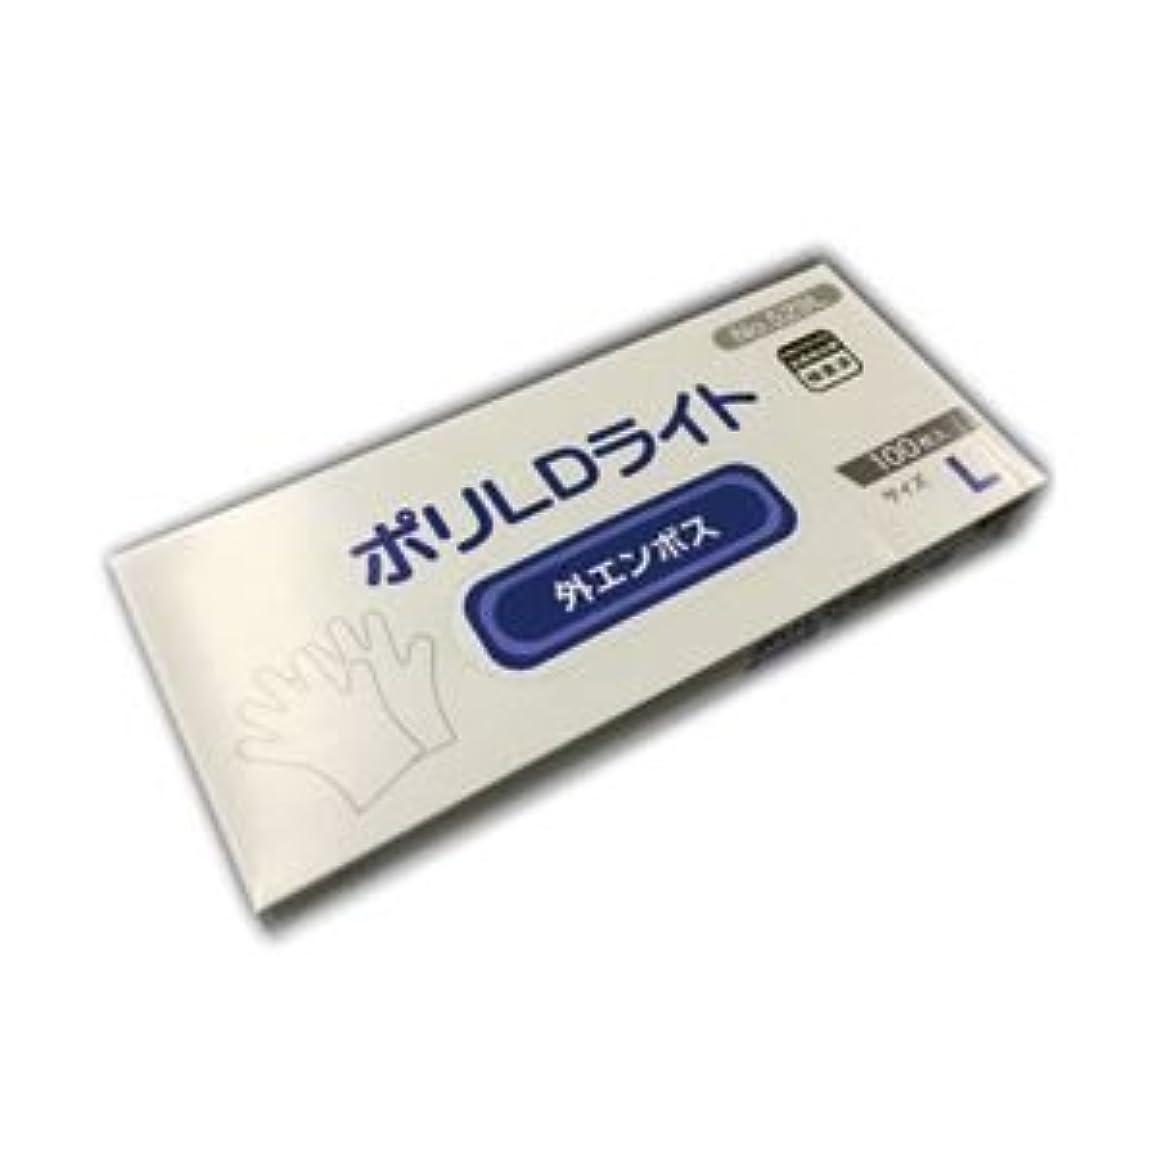 メルボルン中毒周り(業務用セット) オカモト 低密度ポリエチレン手袋 ポリLDライト L 1箱(100枚) 【×20セット】 dS-1639049